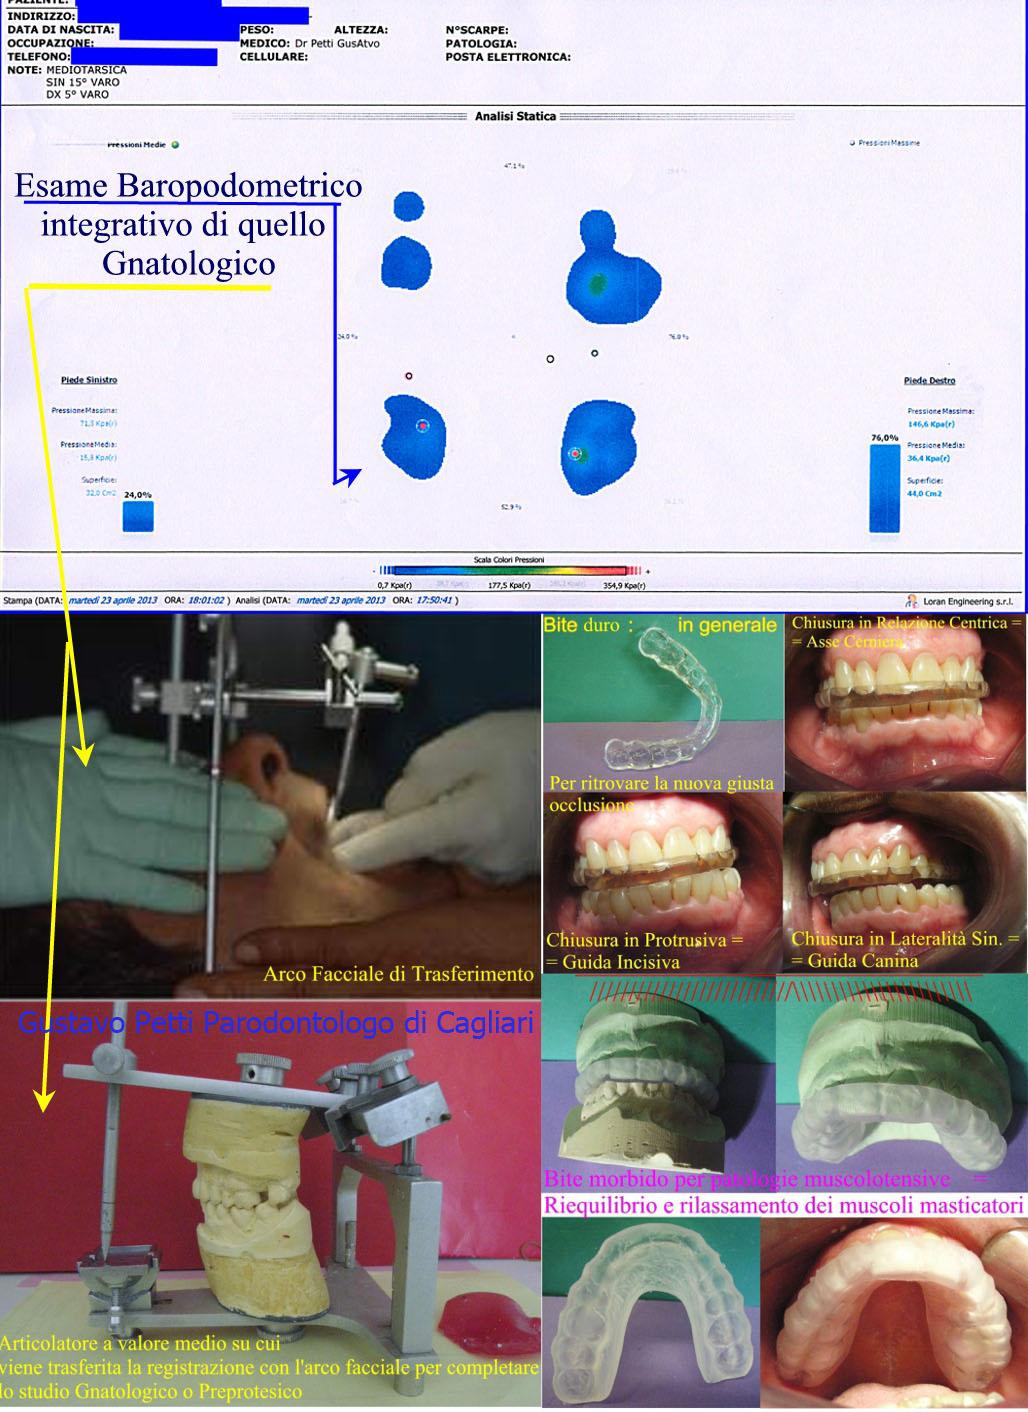 gnatologia-dr-g.petti-cagliari.jpg